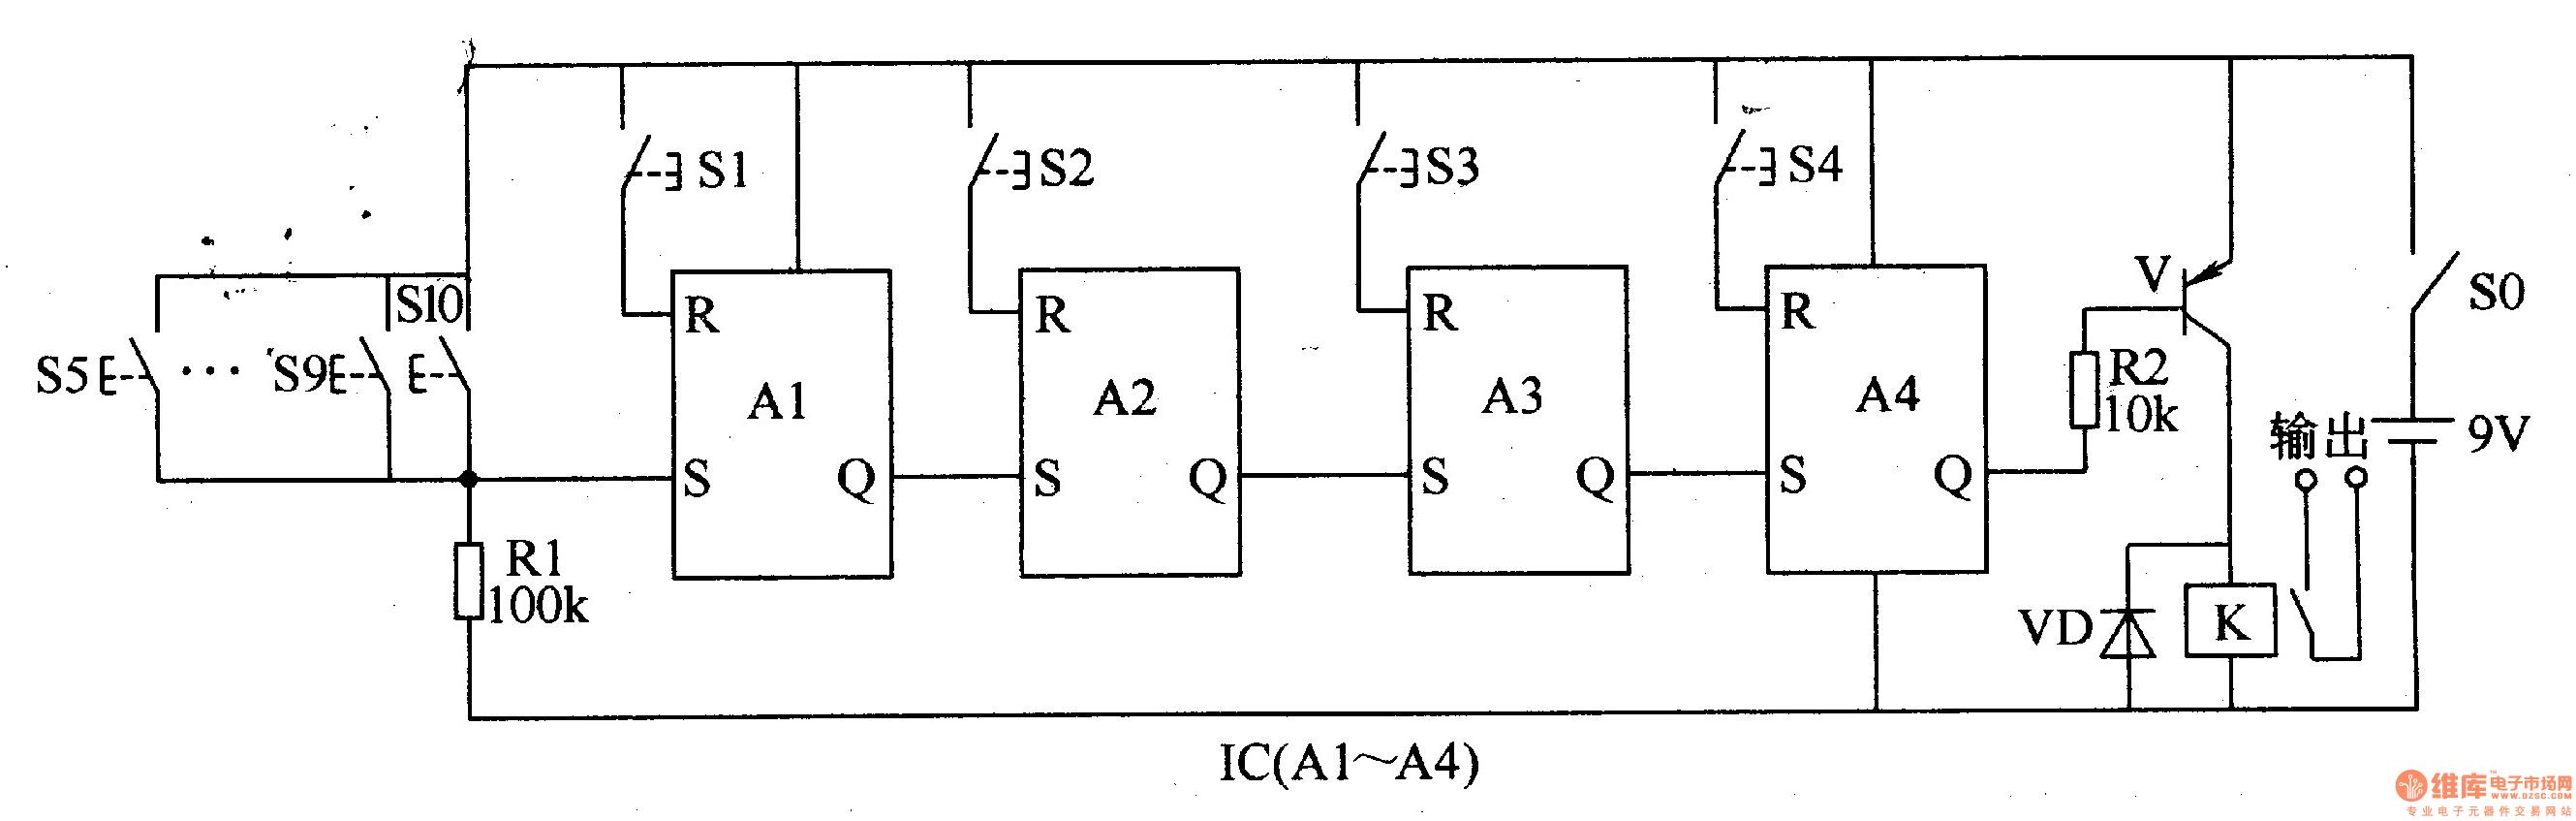 Digital Lock 2 - Electrical Equipment Circuit